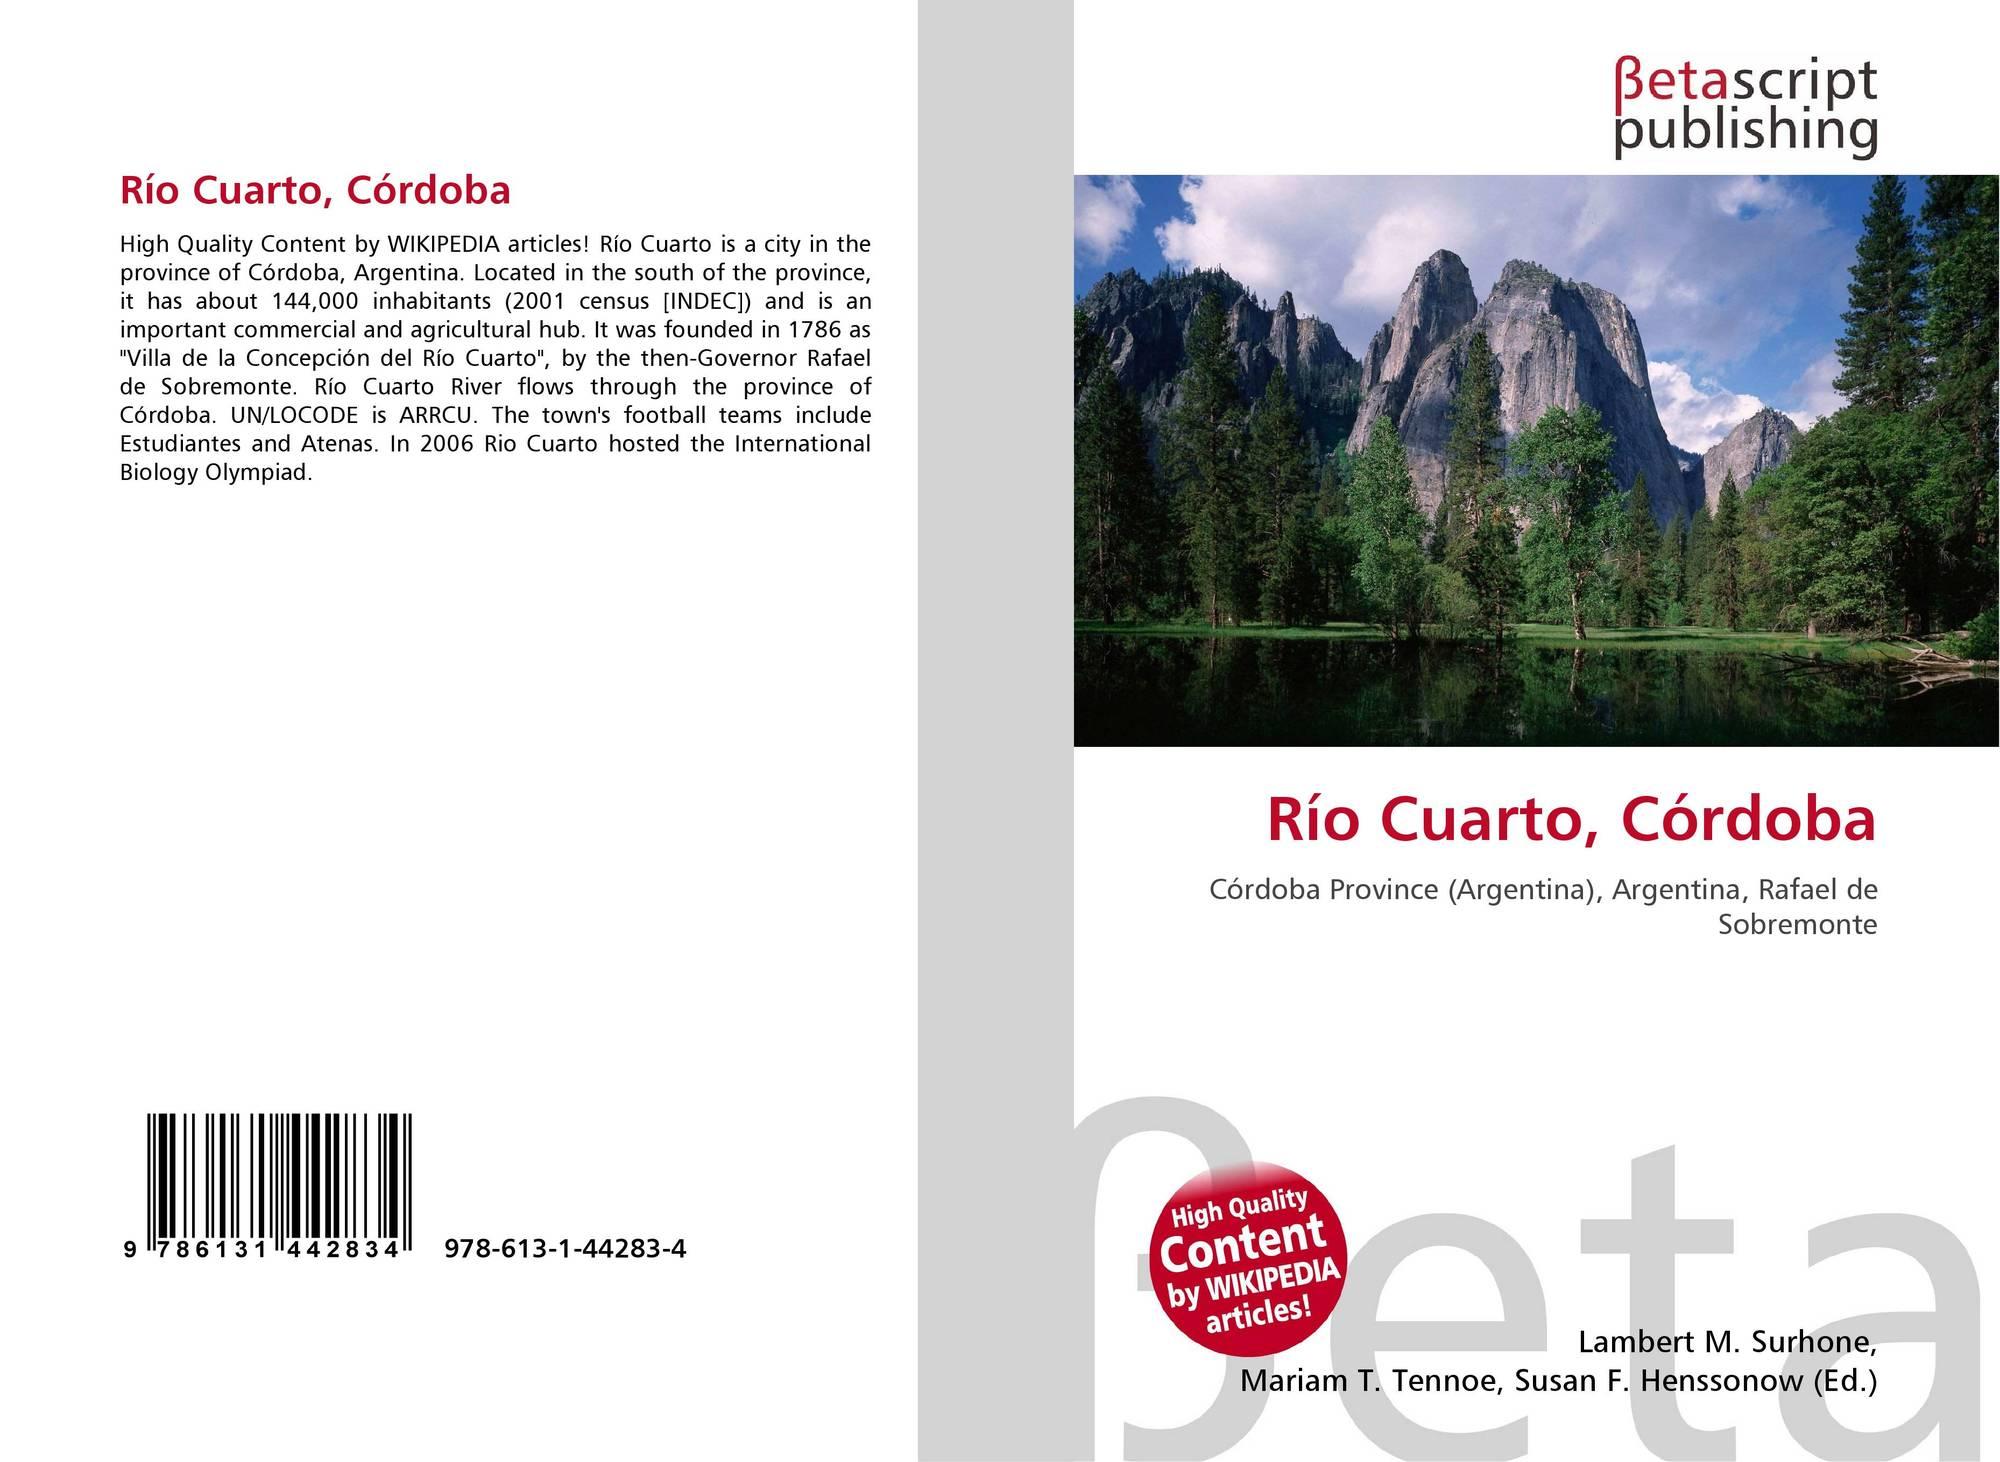 Río Cuarto, Córdoba, 978-613-1-44283-4, 6131442835 ,9786131442834